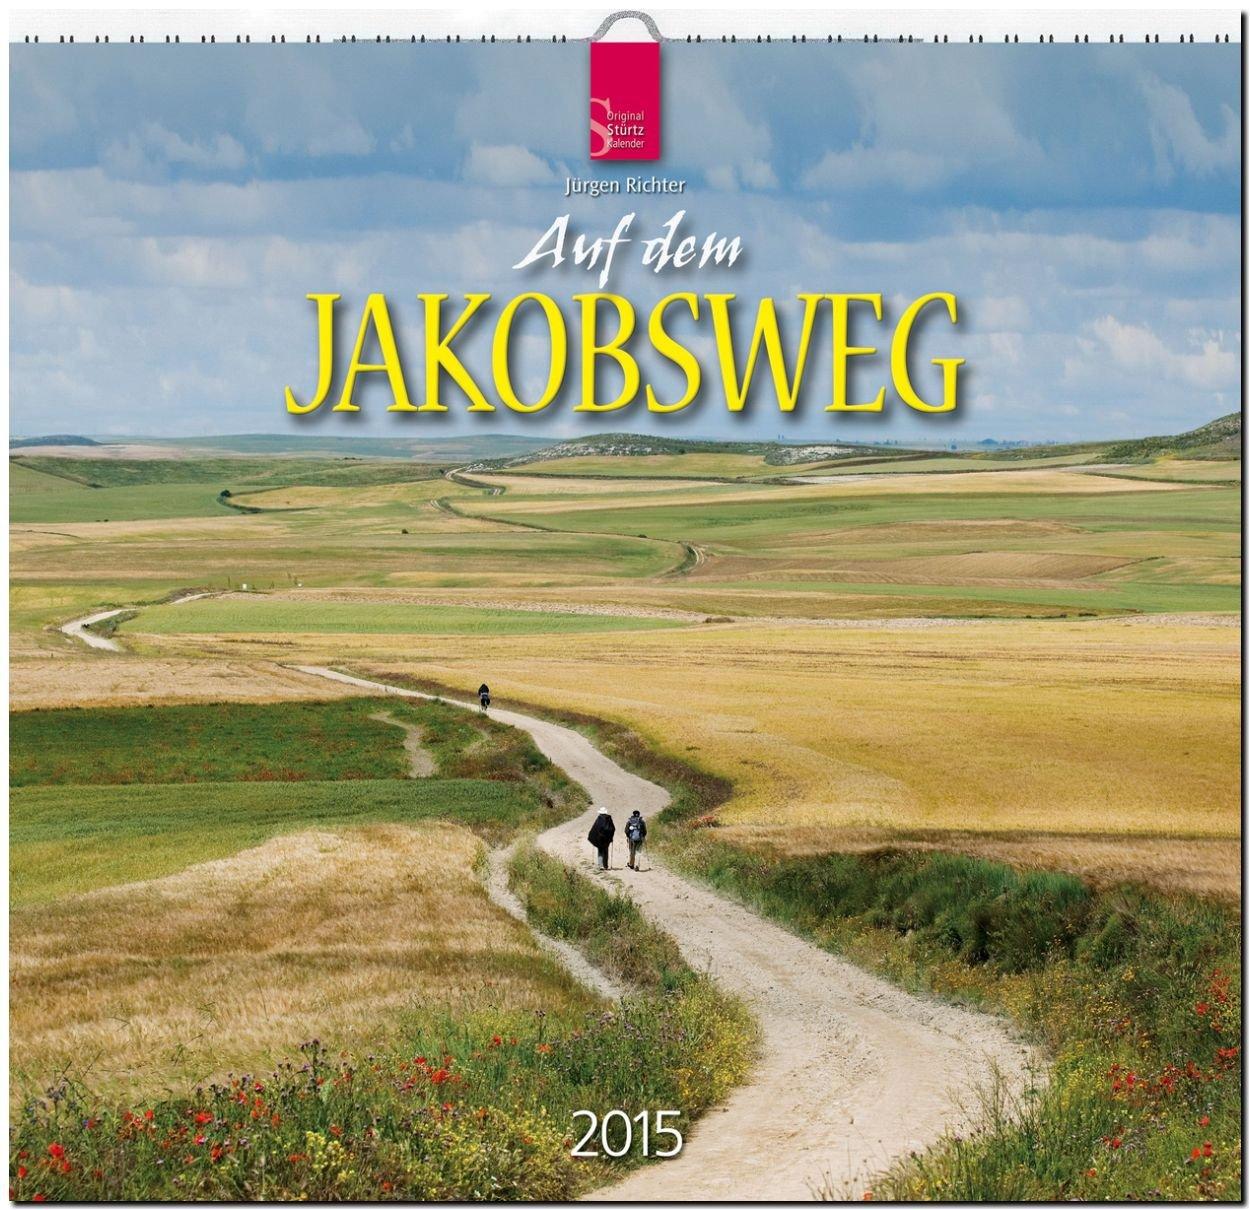 Auf dem Jakobsweg 2015 - Original Stürtz-Kalender - Mittelformat-Kalender 33 x 31 cm